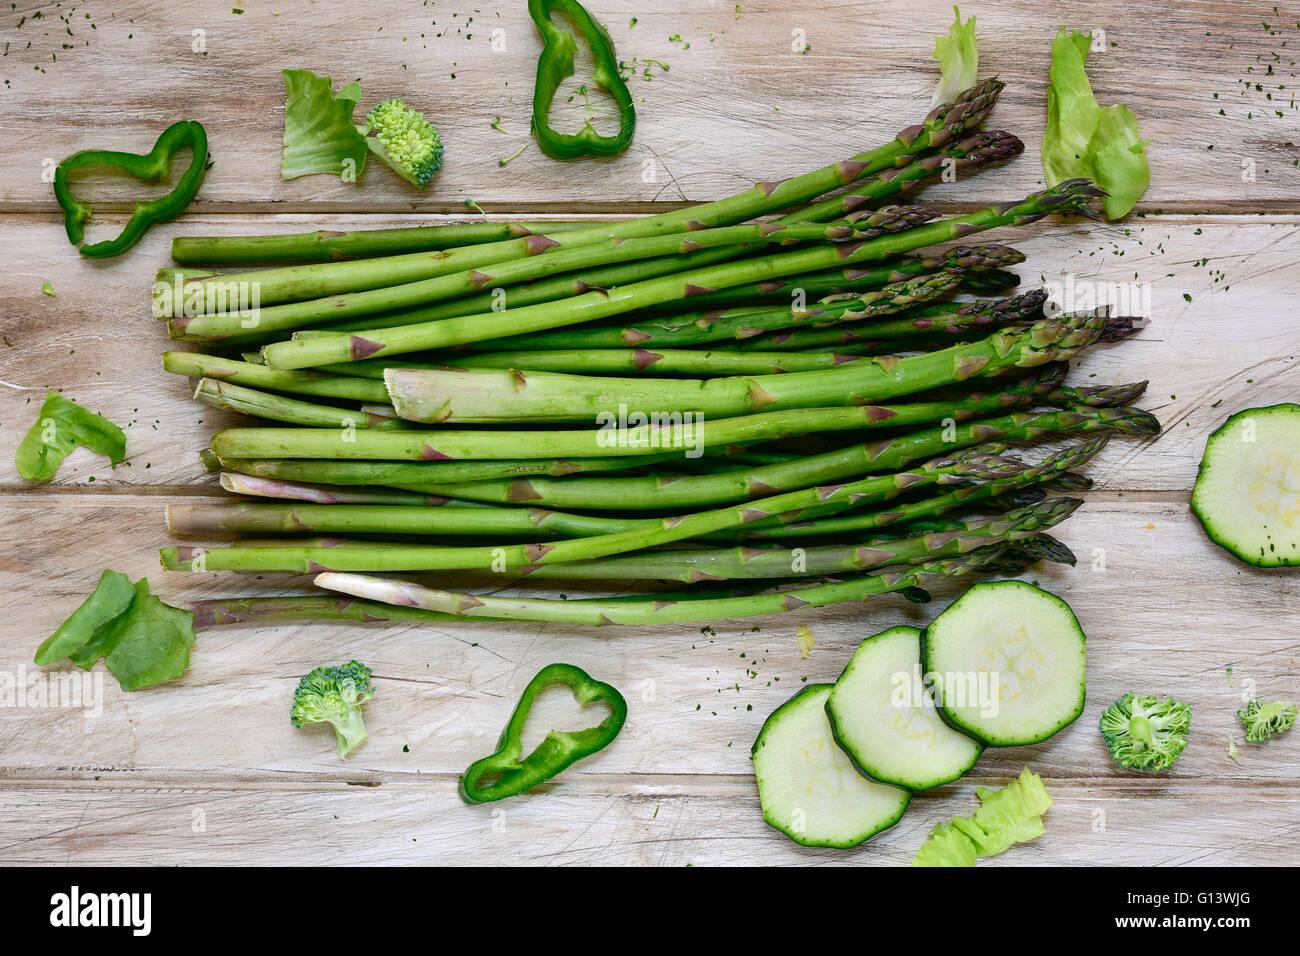 High-Angle Shot einige verschiedene grüne Rohkost, wie z. B. Paprika, Spargel, Brokkoli oder Zucchini auf einem Stockbild